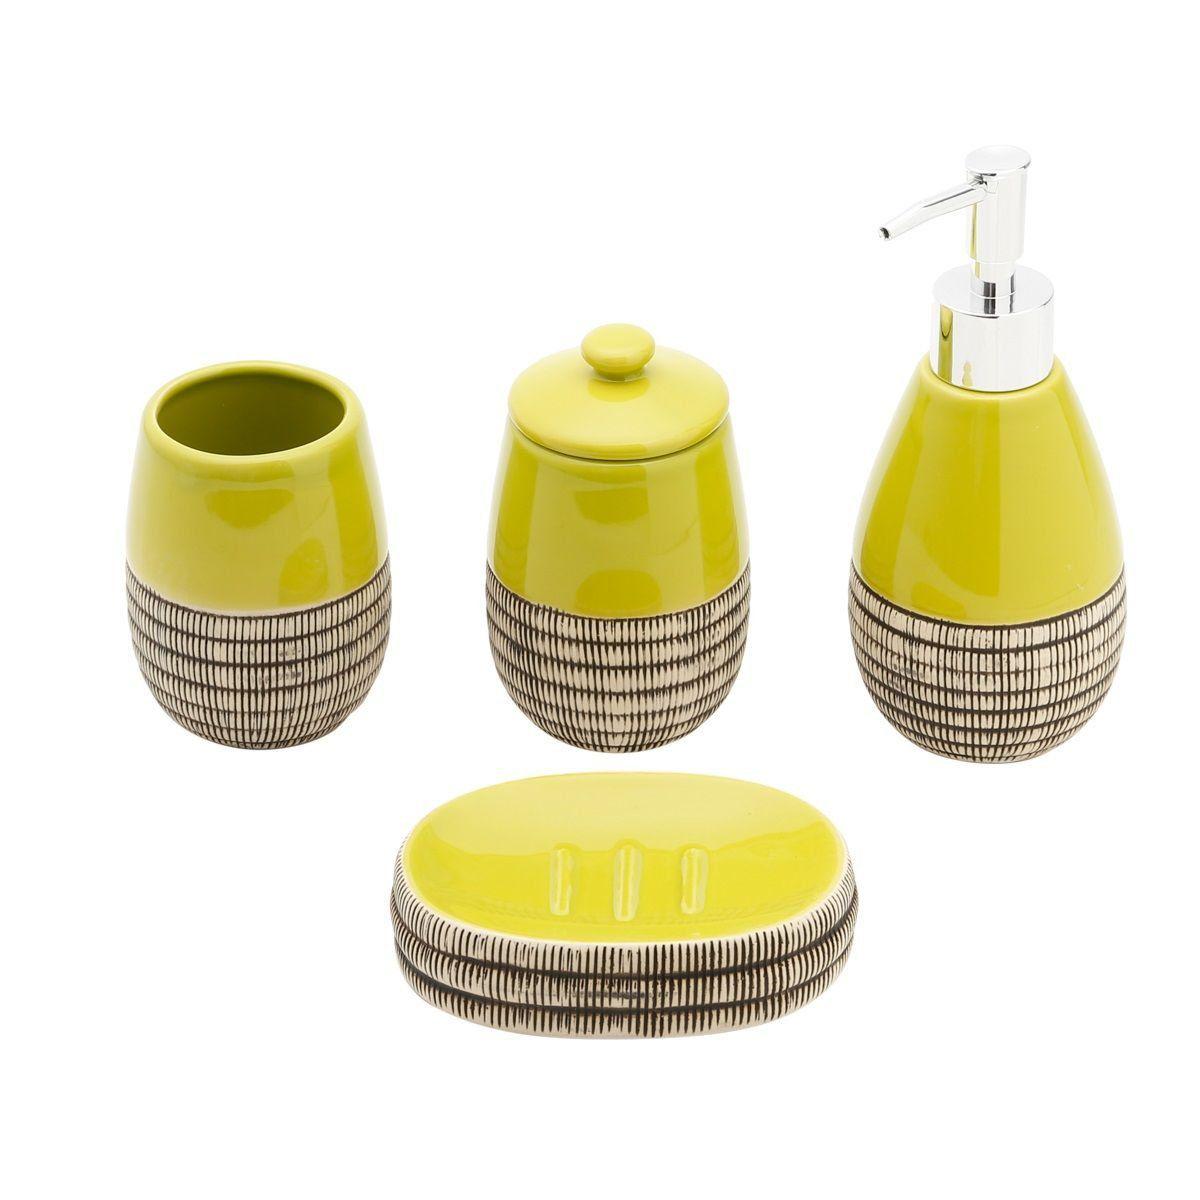 Jogo 4 peças para banheiro de cerâmica verde Kiwi Prestige - 25329